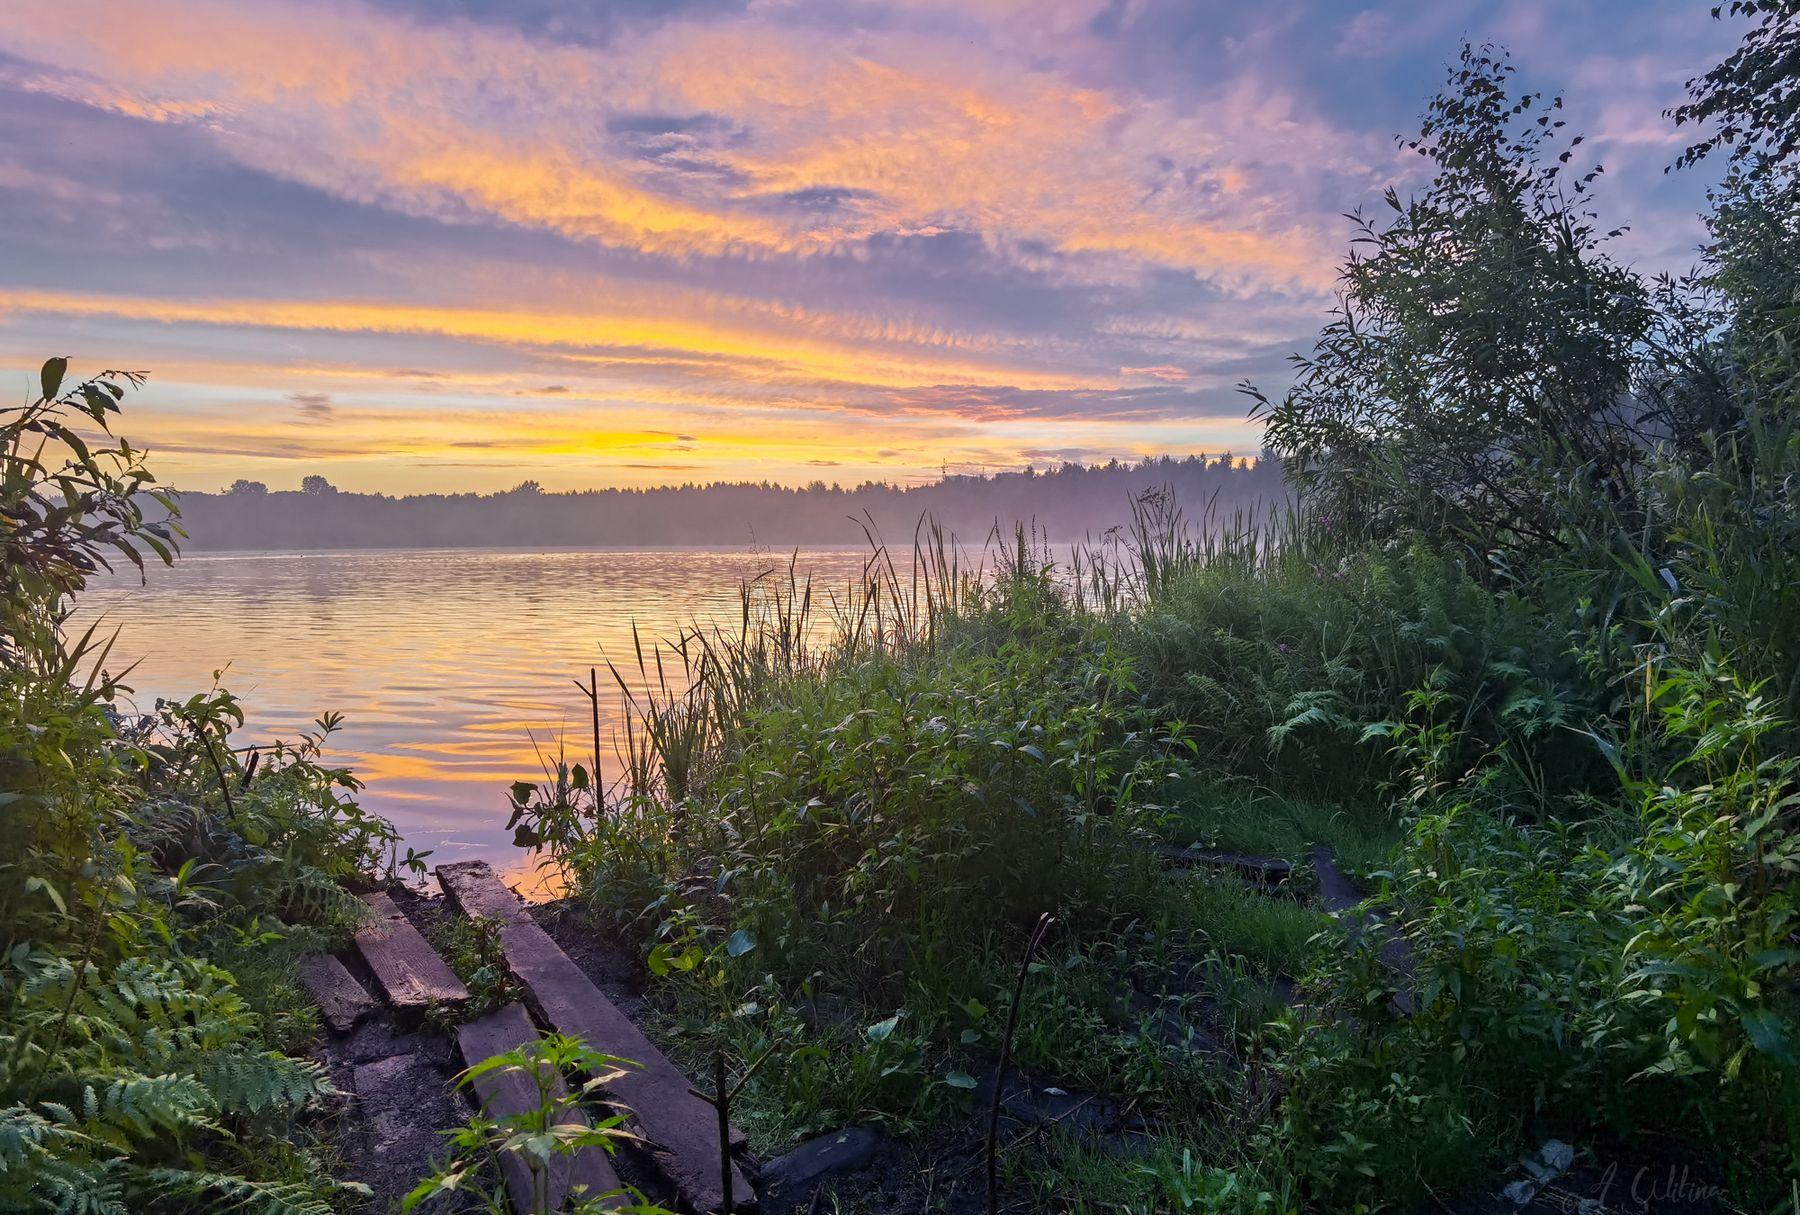 *** озеро облака берег лес закат березы вечер лето